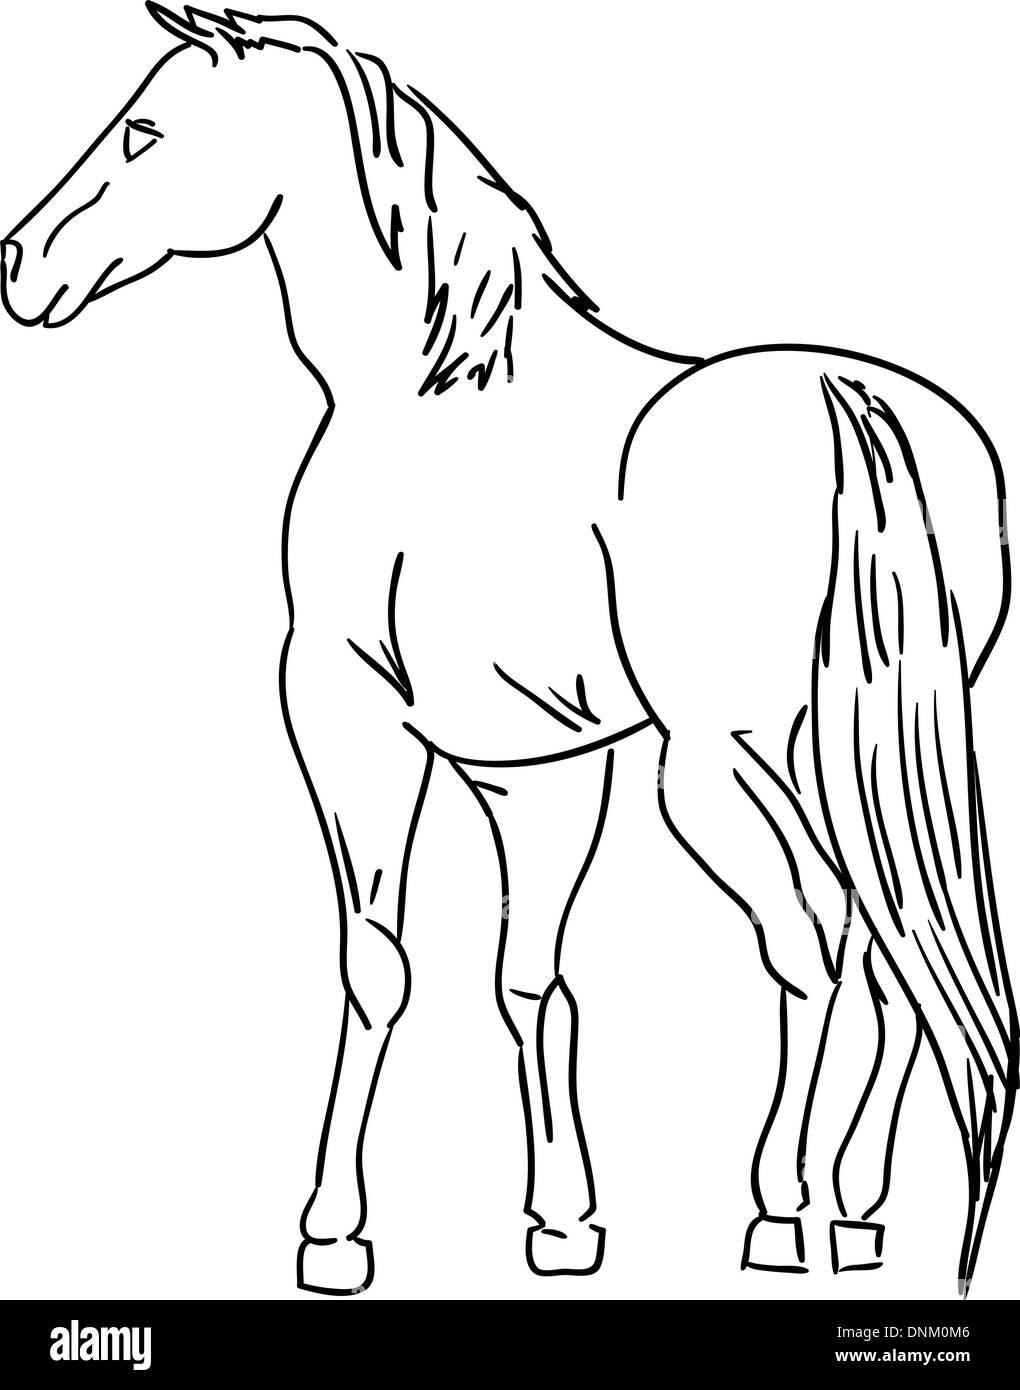 Versione del vettore. Cavallo nero silhouette isolato su bianco per il design. Immagini Stock